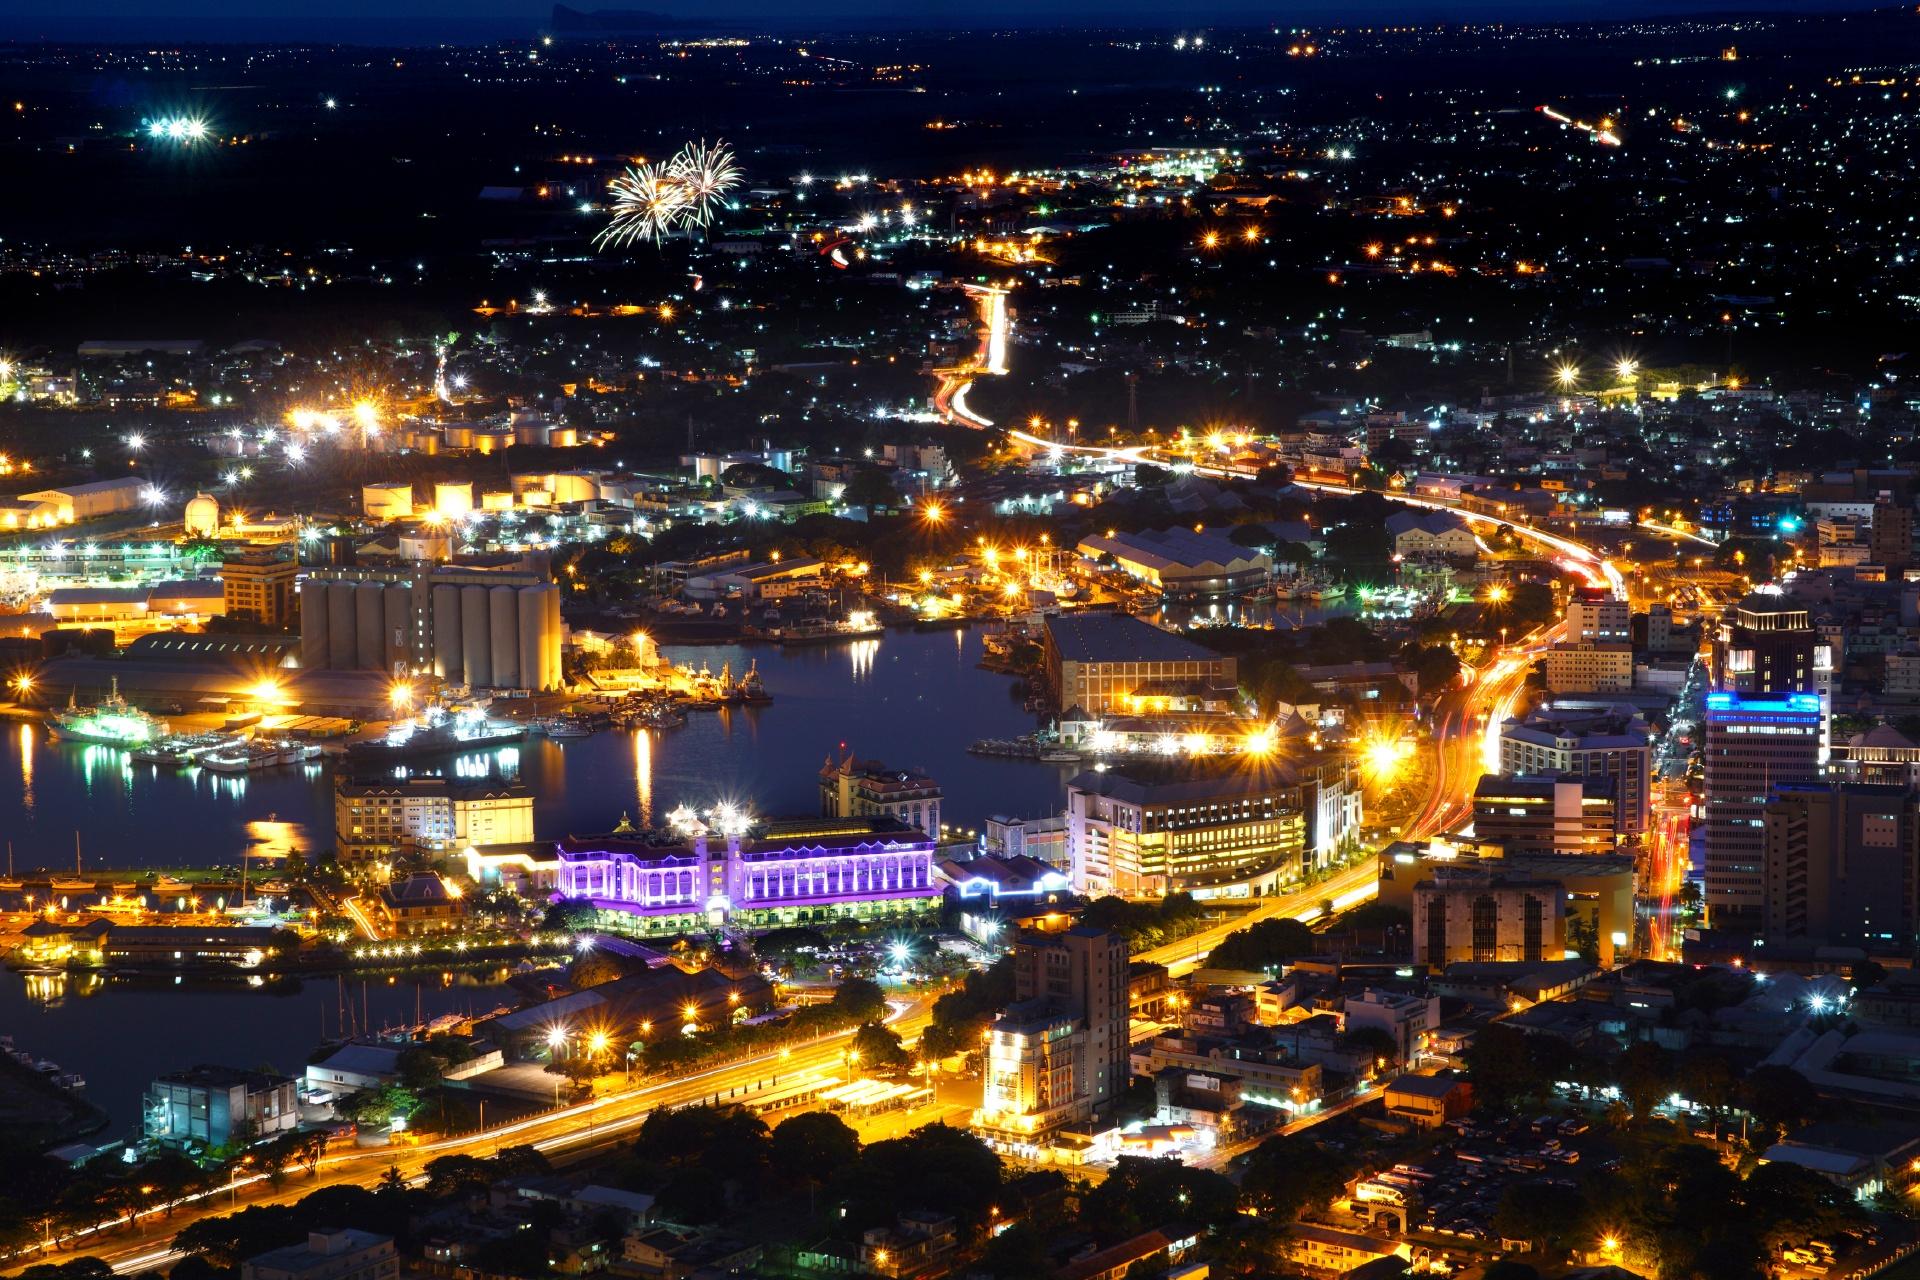 ポート・ルイスの夜の風景 モーリシャスの風景